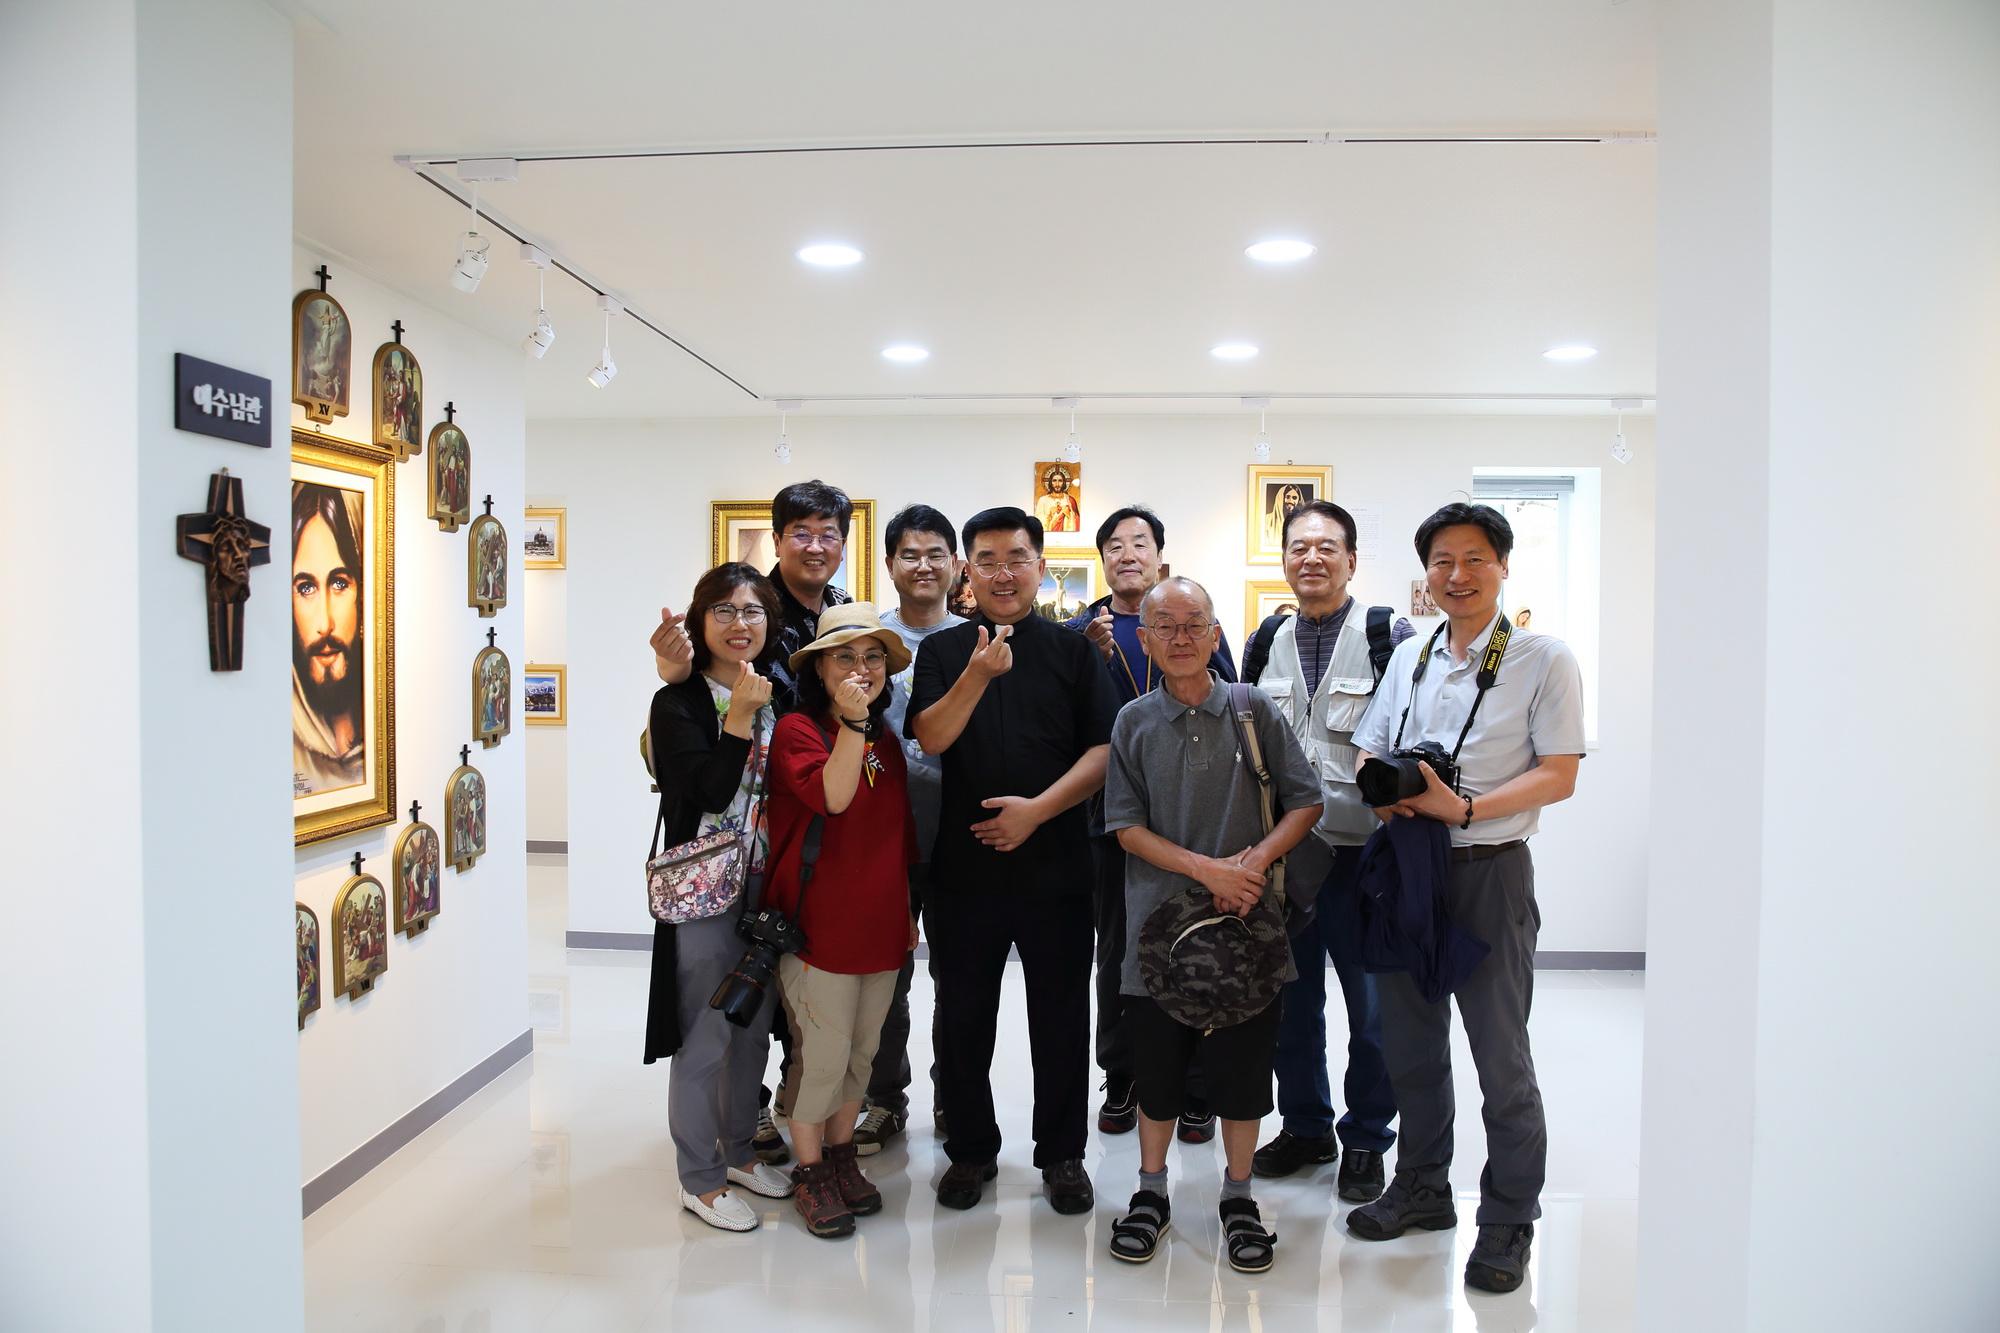 2019-07-13-40_크기변경.JPG